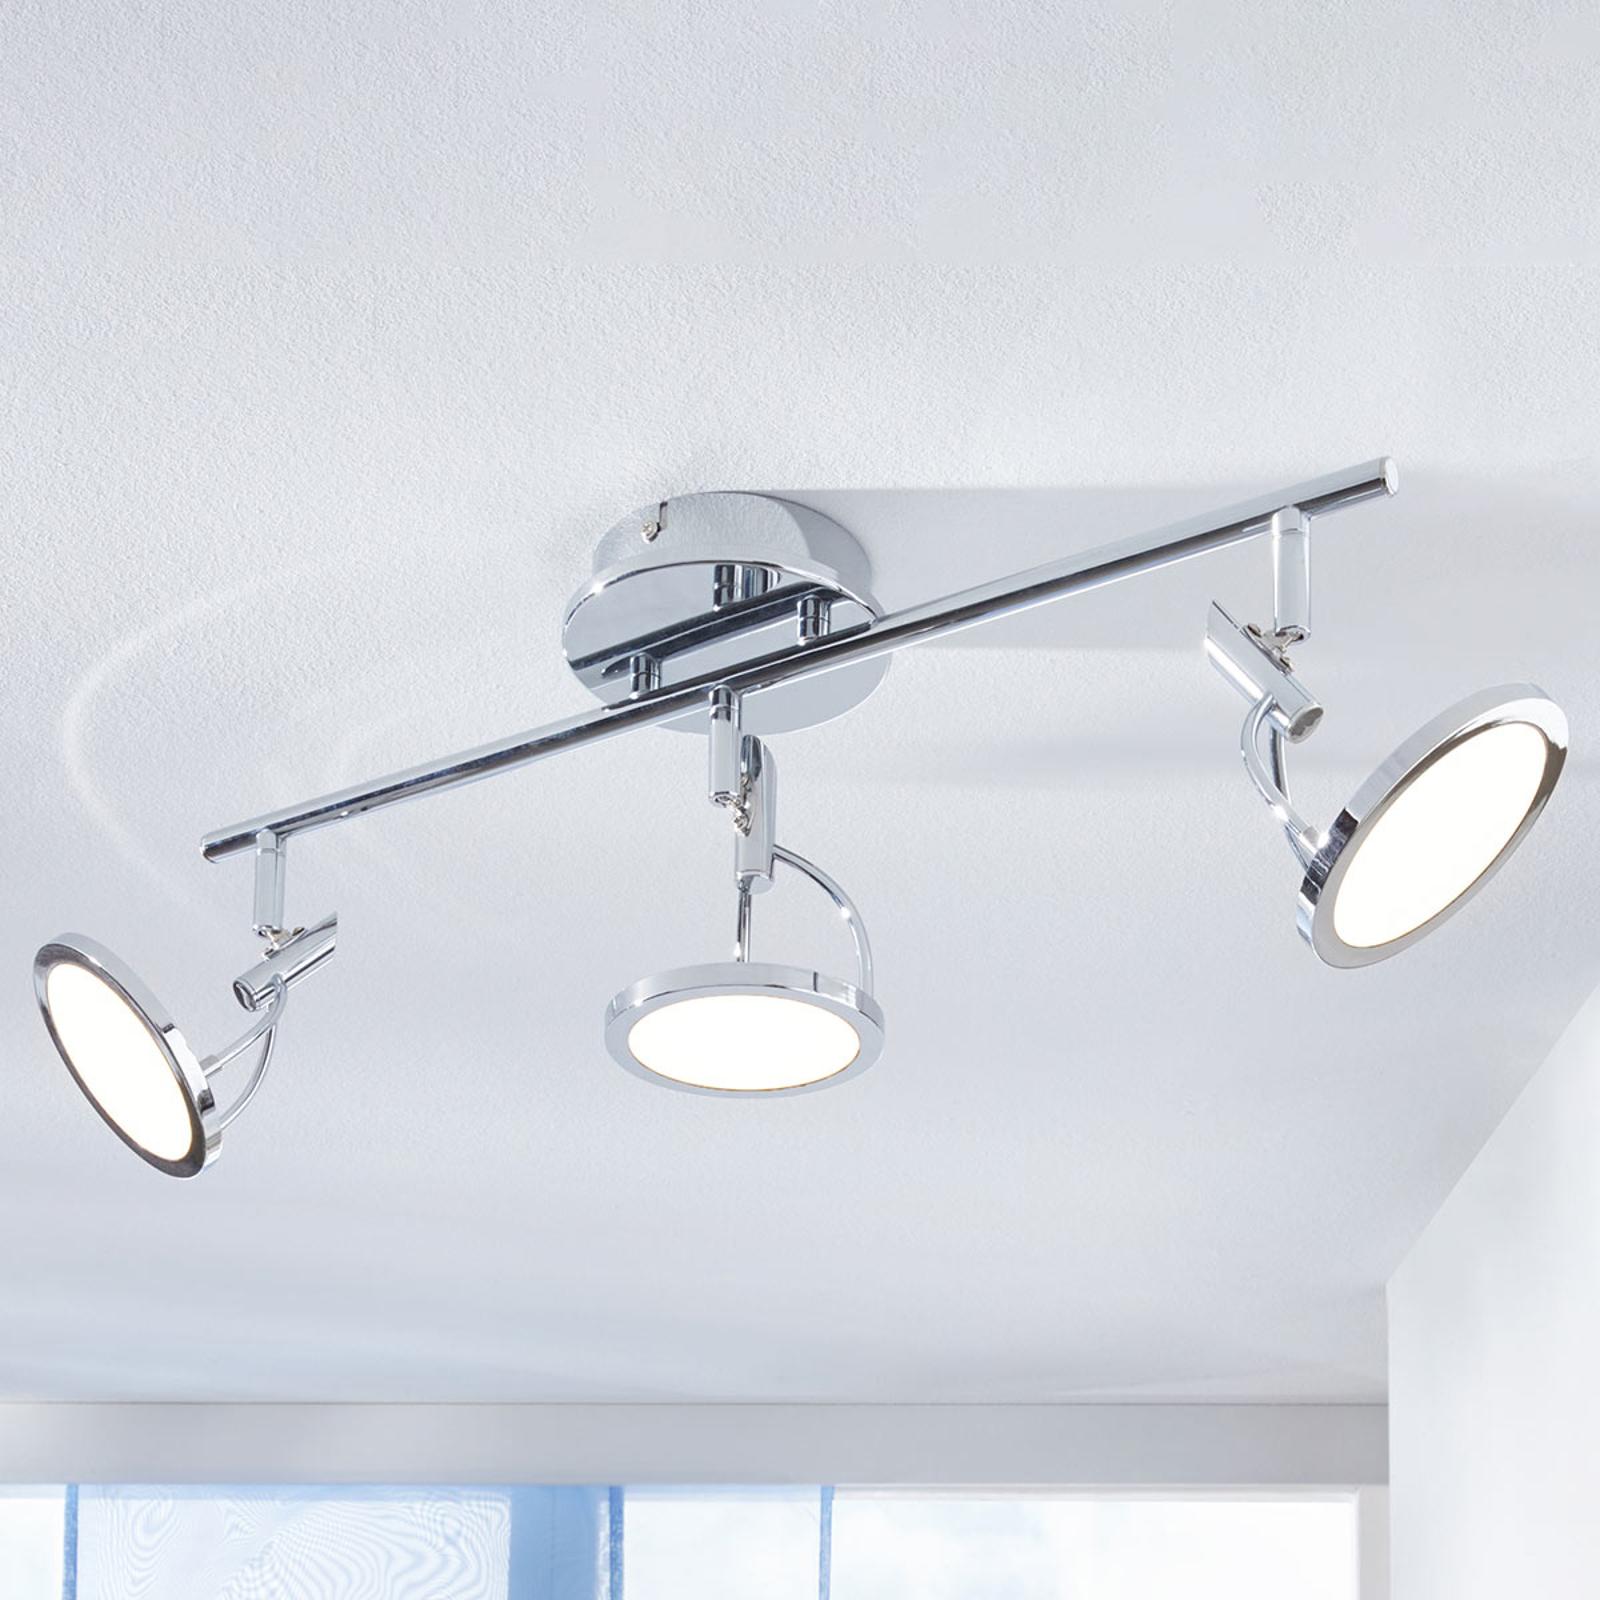 LED-Deckenspot Jorne, verchromt, 3-flammig